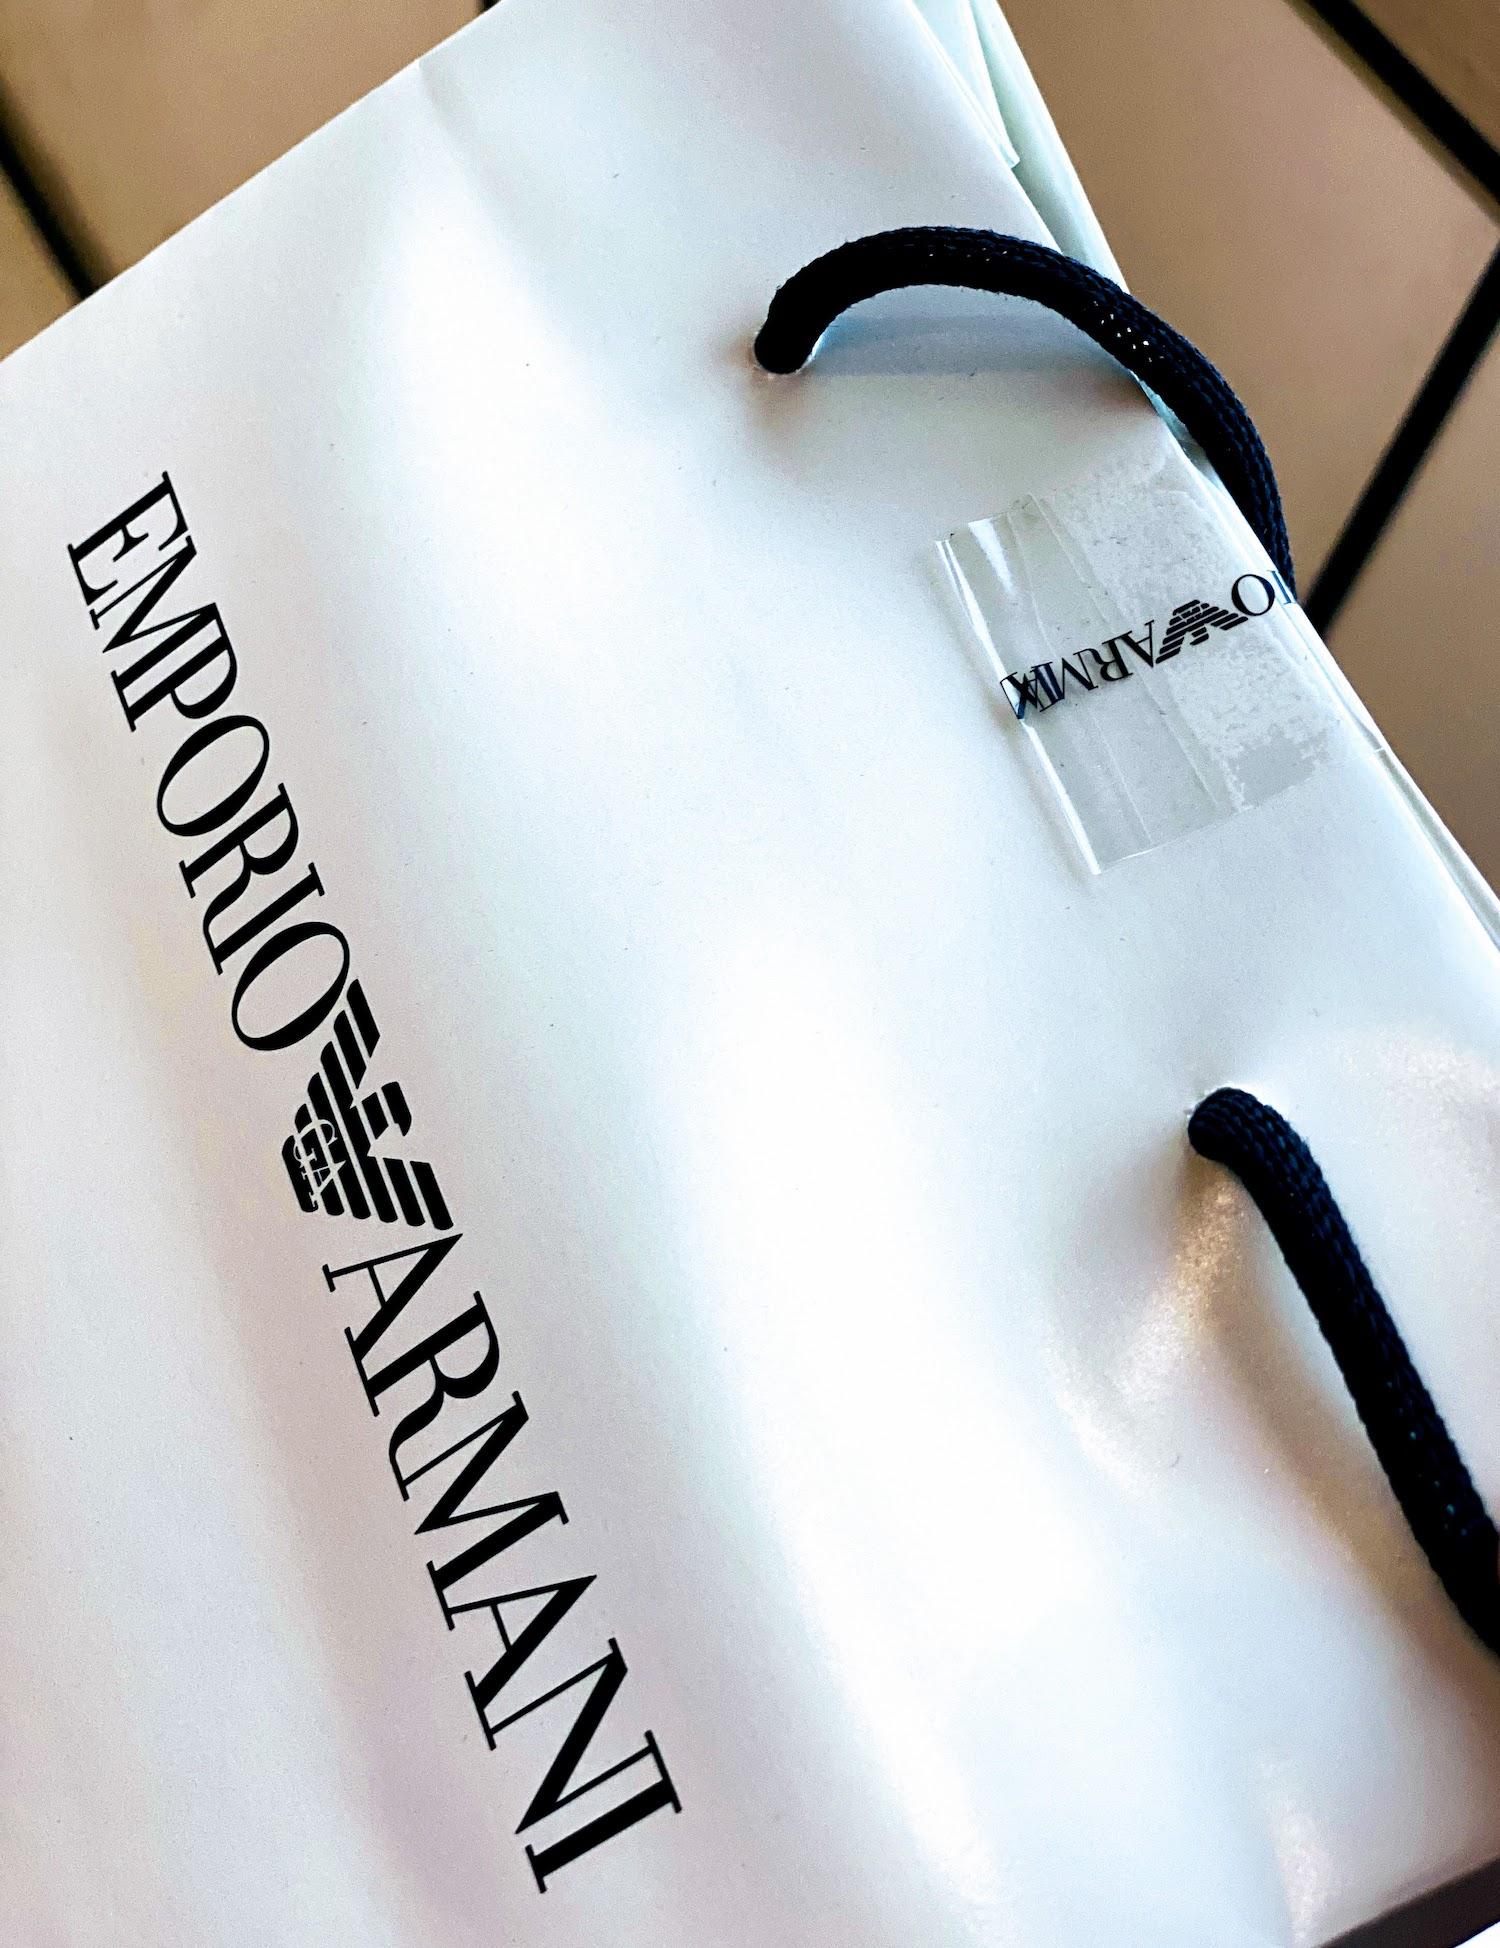 EMPORIO ARMANI(エンポリオ アルマーニ) のバッグのシール貼り